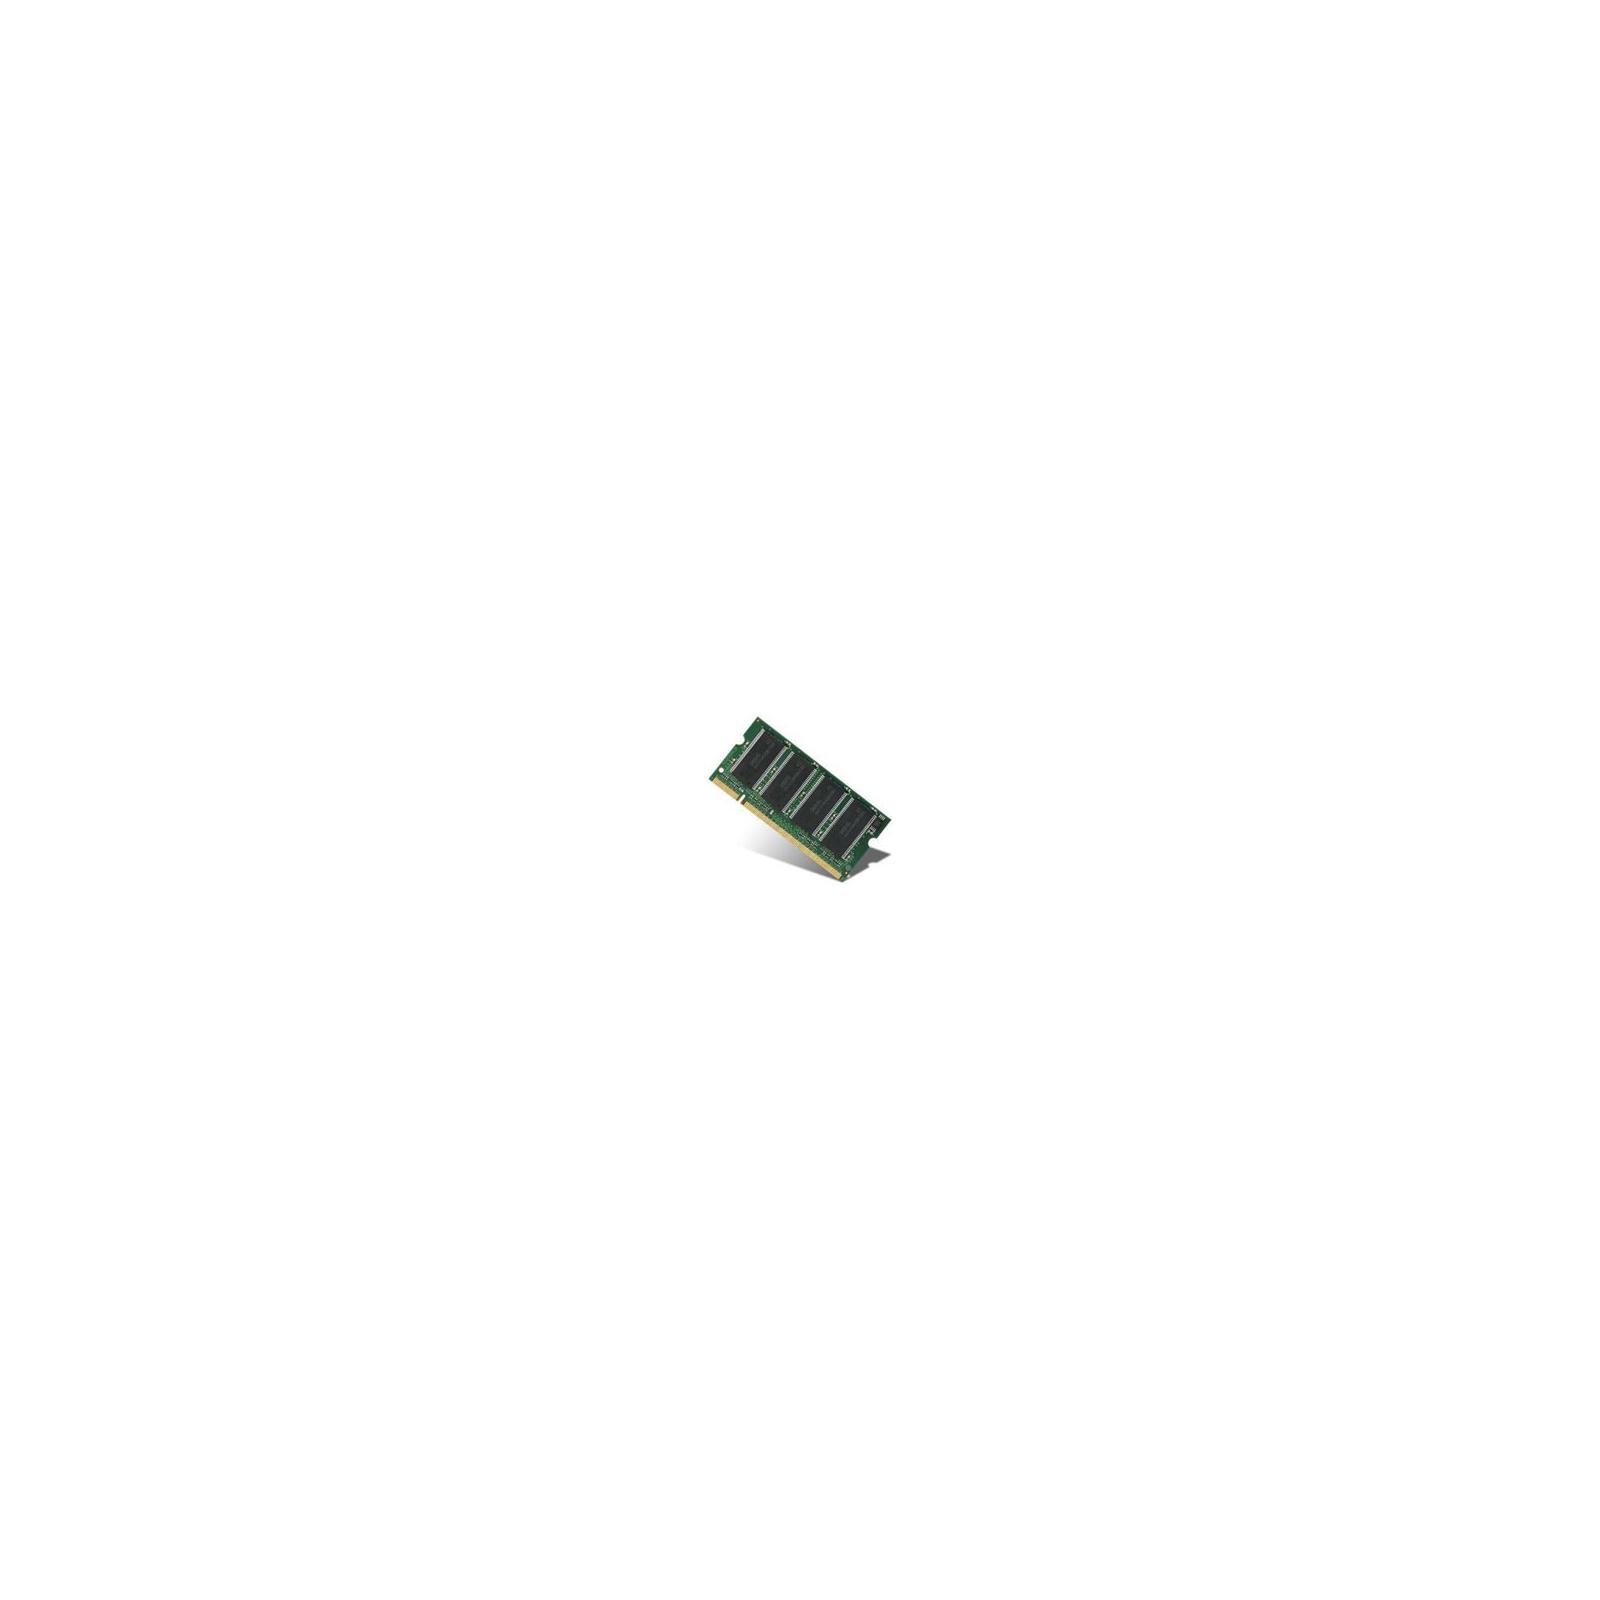 Модуль памяти для ноутбука SoDIMM DDR3 2GB 1066 MHz Samsung (M471B5673FH0-CF8 / M471B5673H0-CF8)